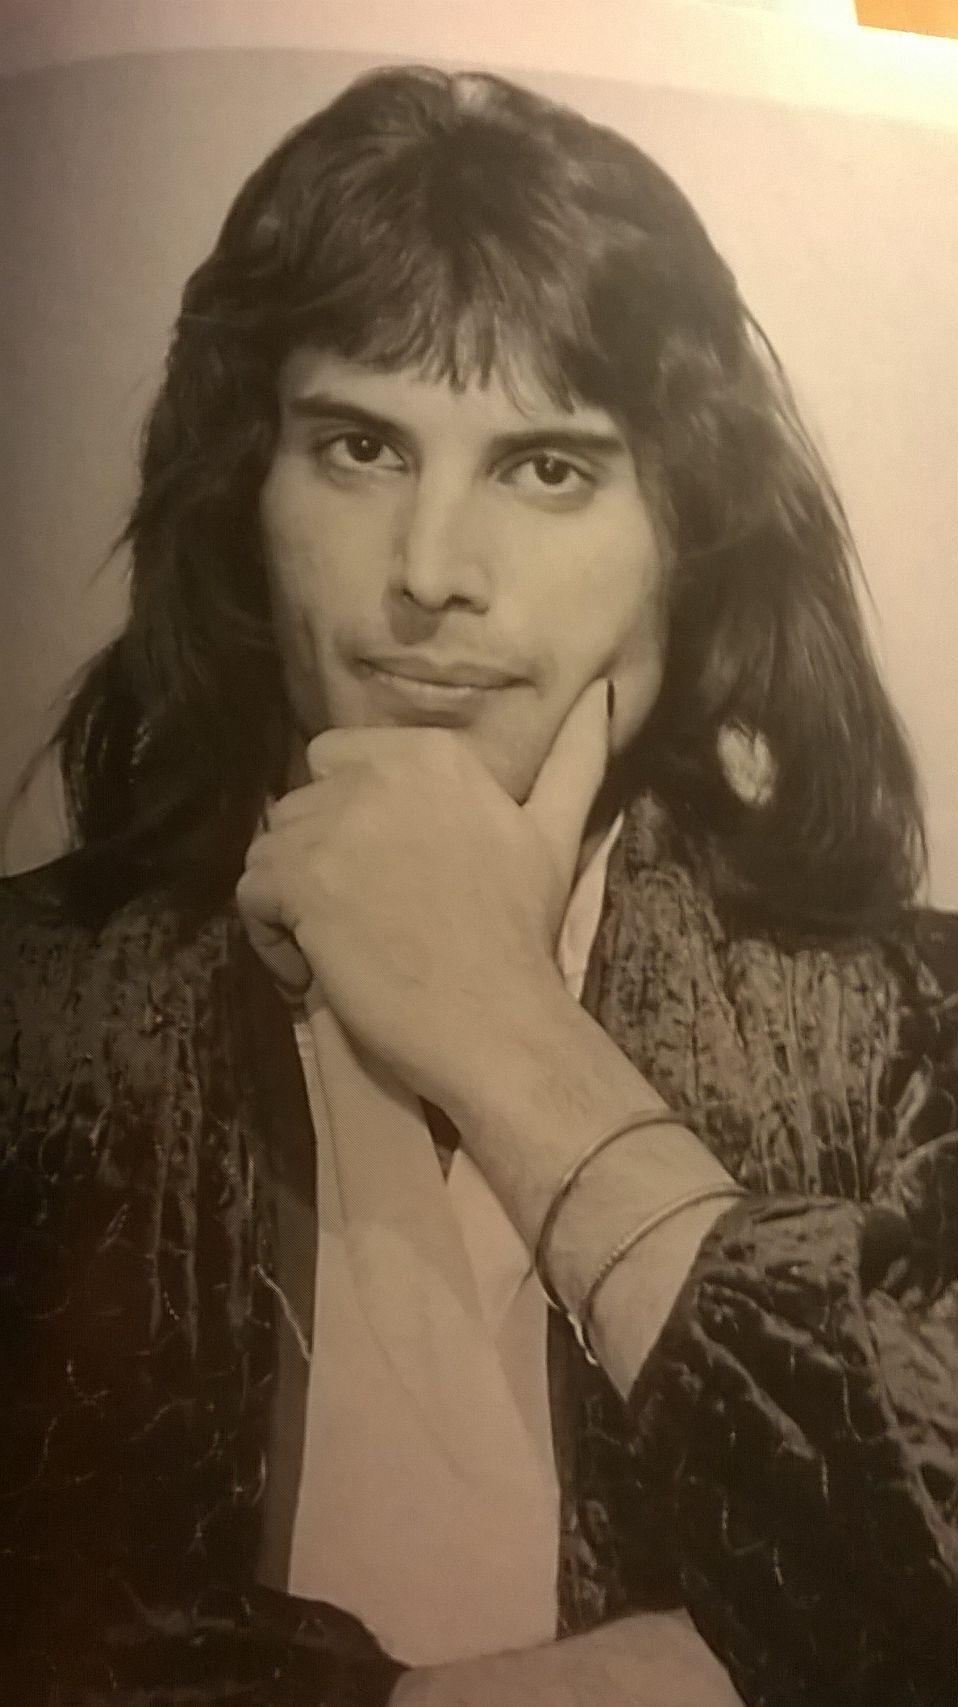 Auguri Freddie Mercury! Nasceva il 5 Settembre 1946, la voce più bella del mondo!